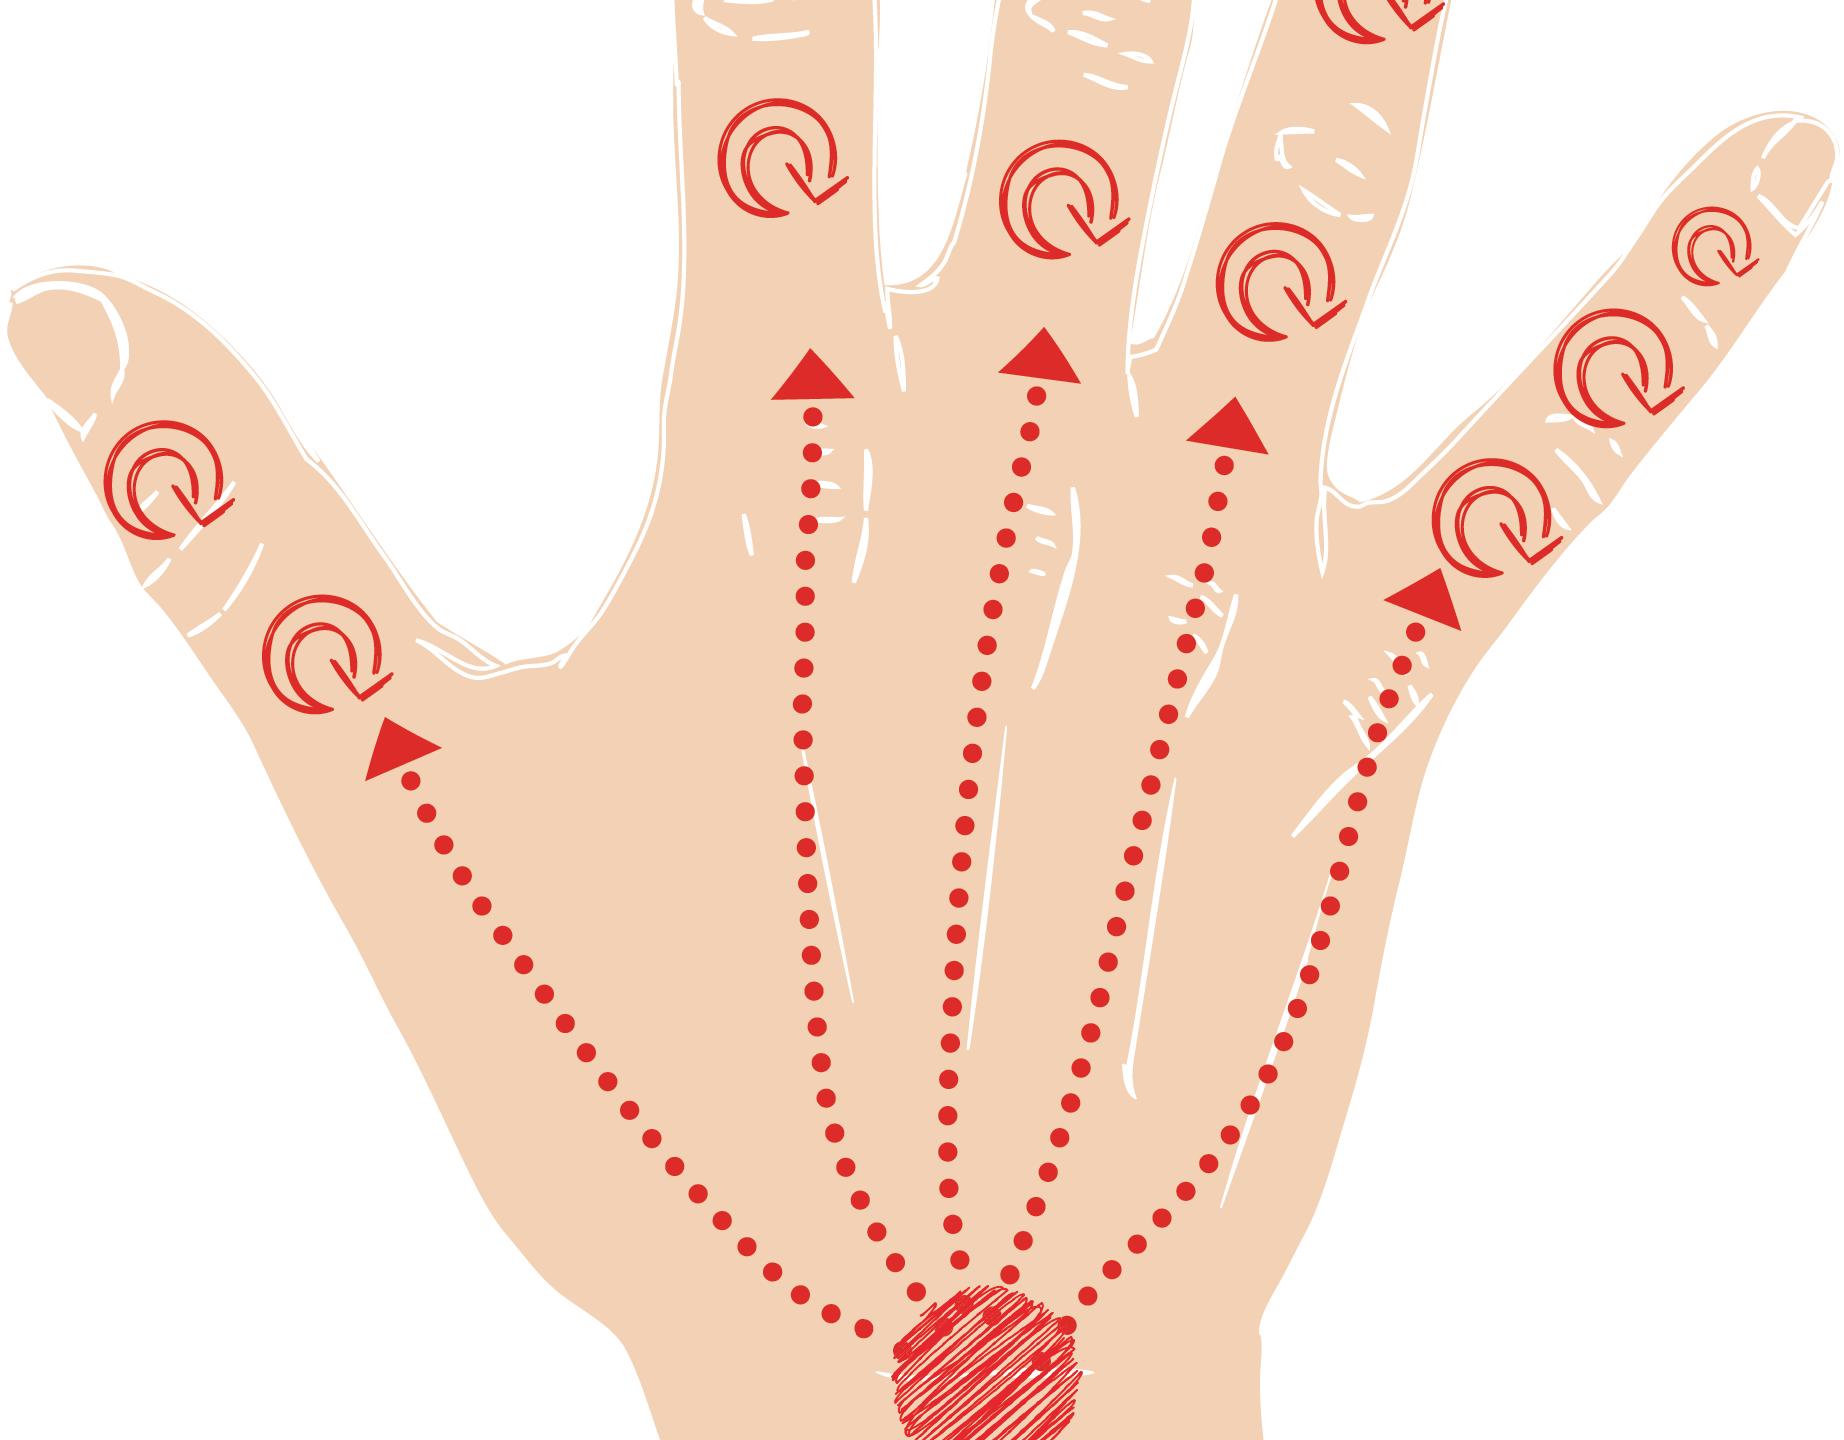 Hand Massage acupressure clivewitham